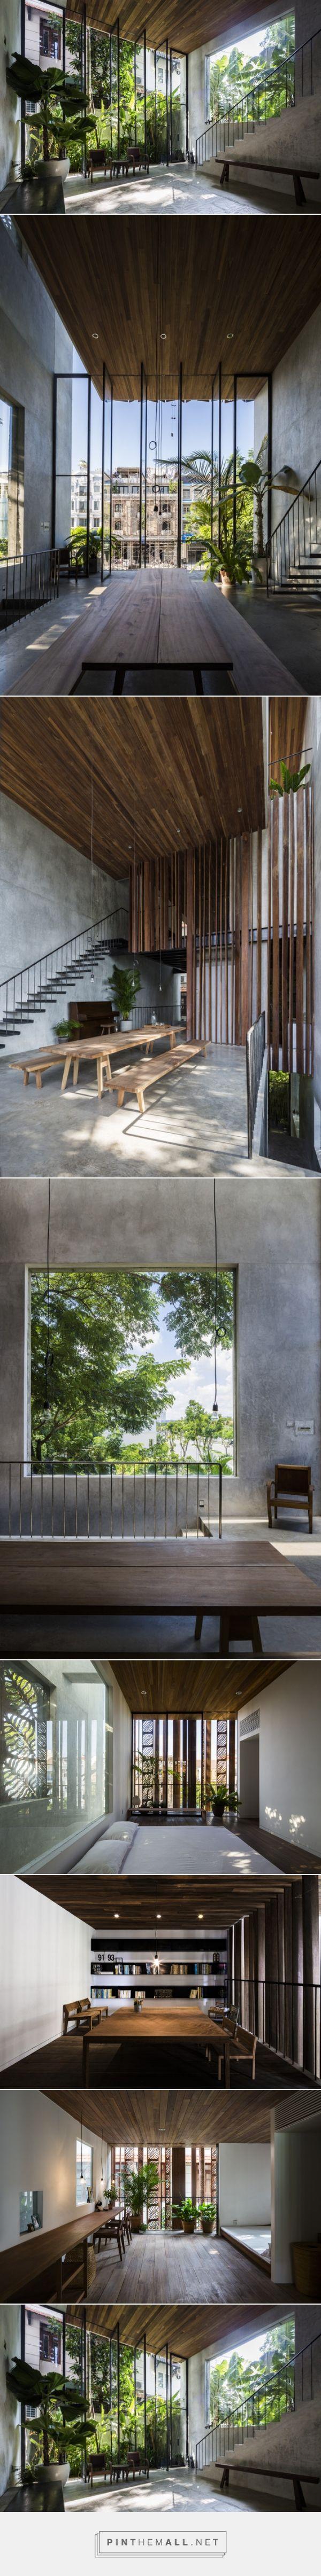 thong house / nishizawa architects | archdaily - created via https